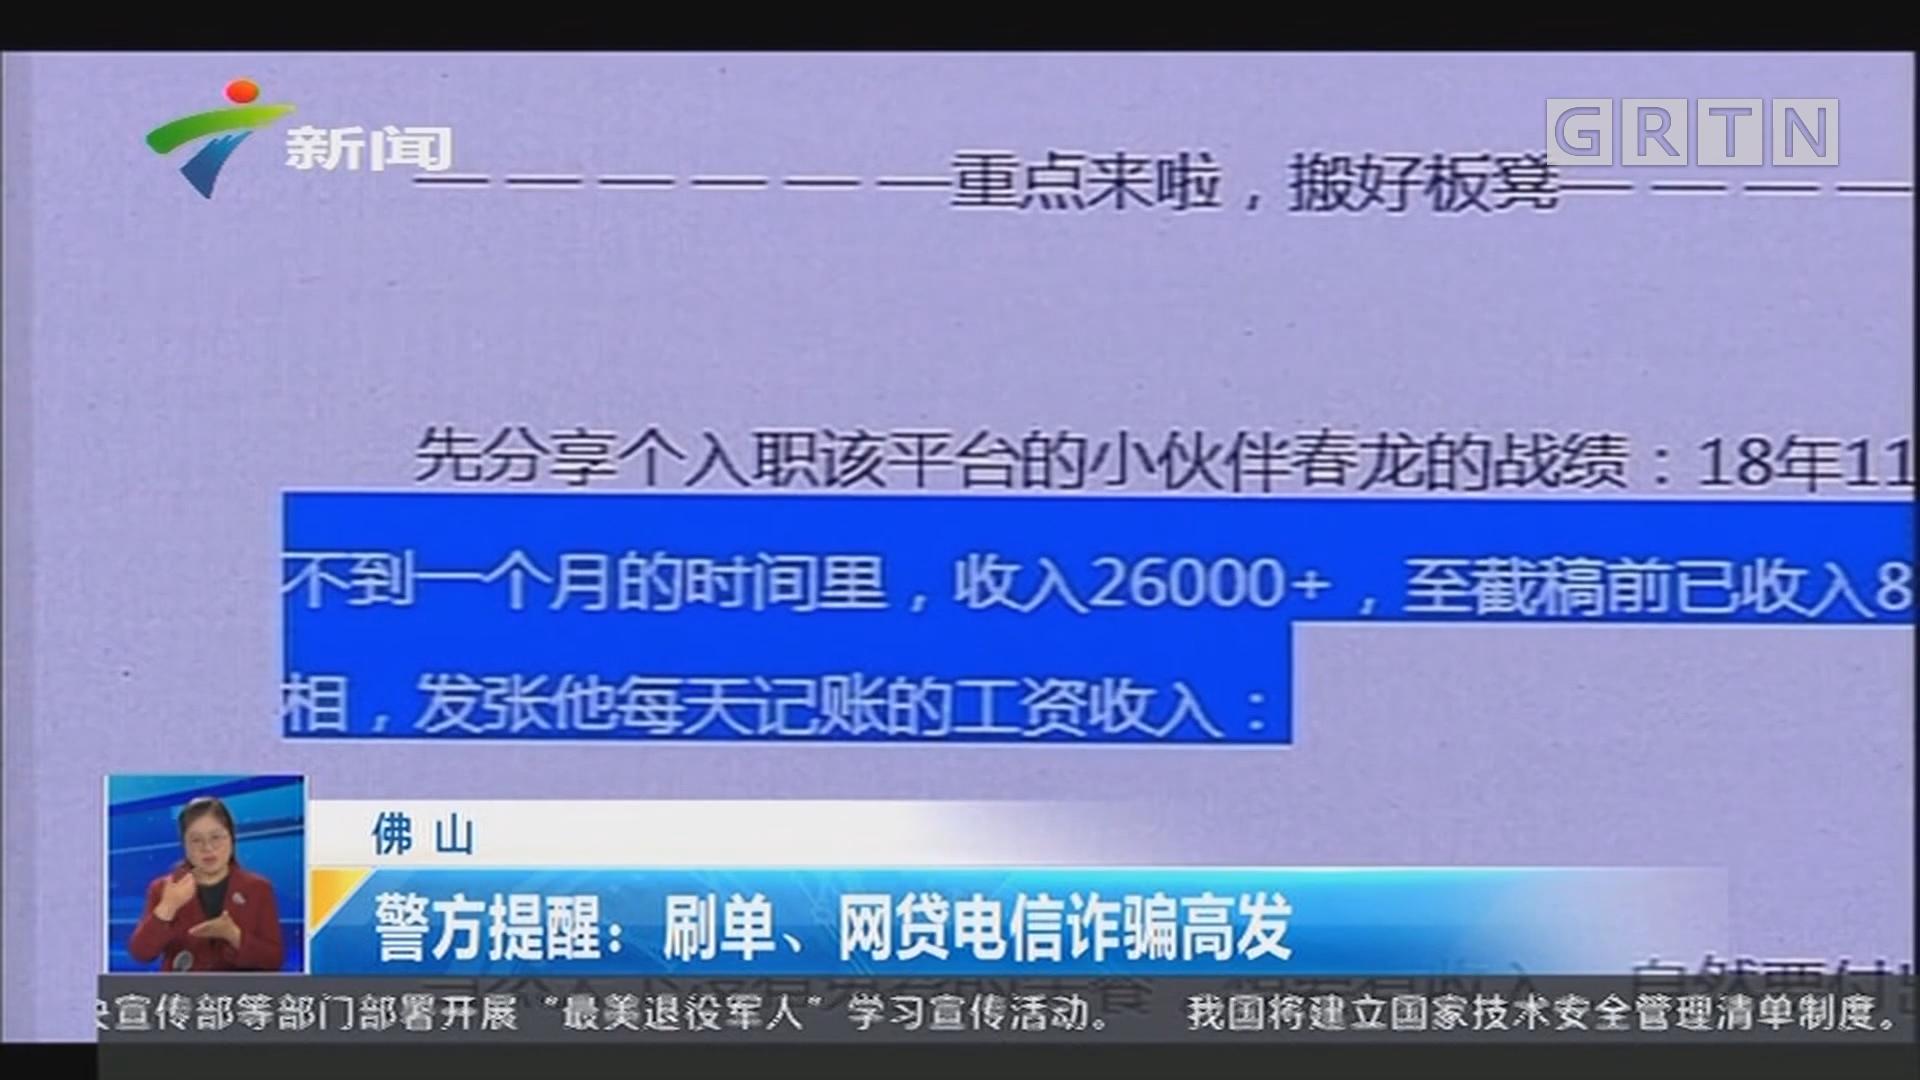 佛山 警方提醒:刷单、网贷电信诈骗高发